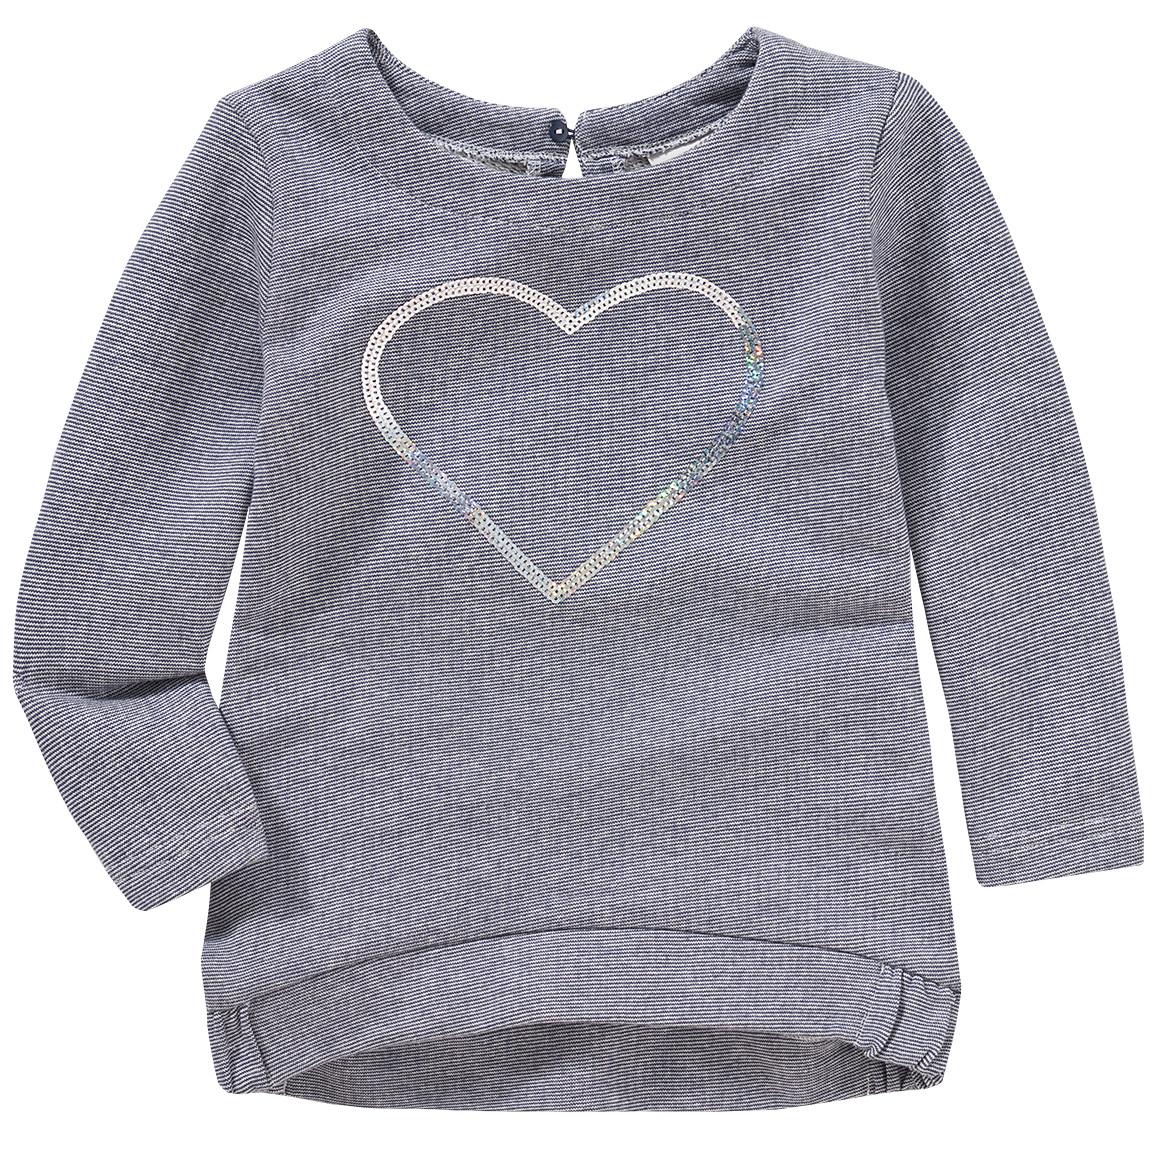 Minigirloberteile - Mädchen Sweatshirt mit Pailletten Applikation - Onlineshop Ernstings family